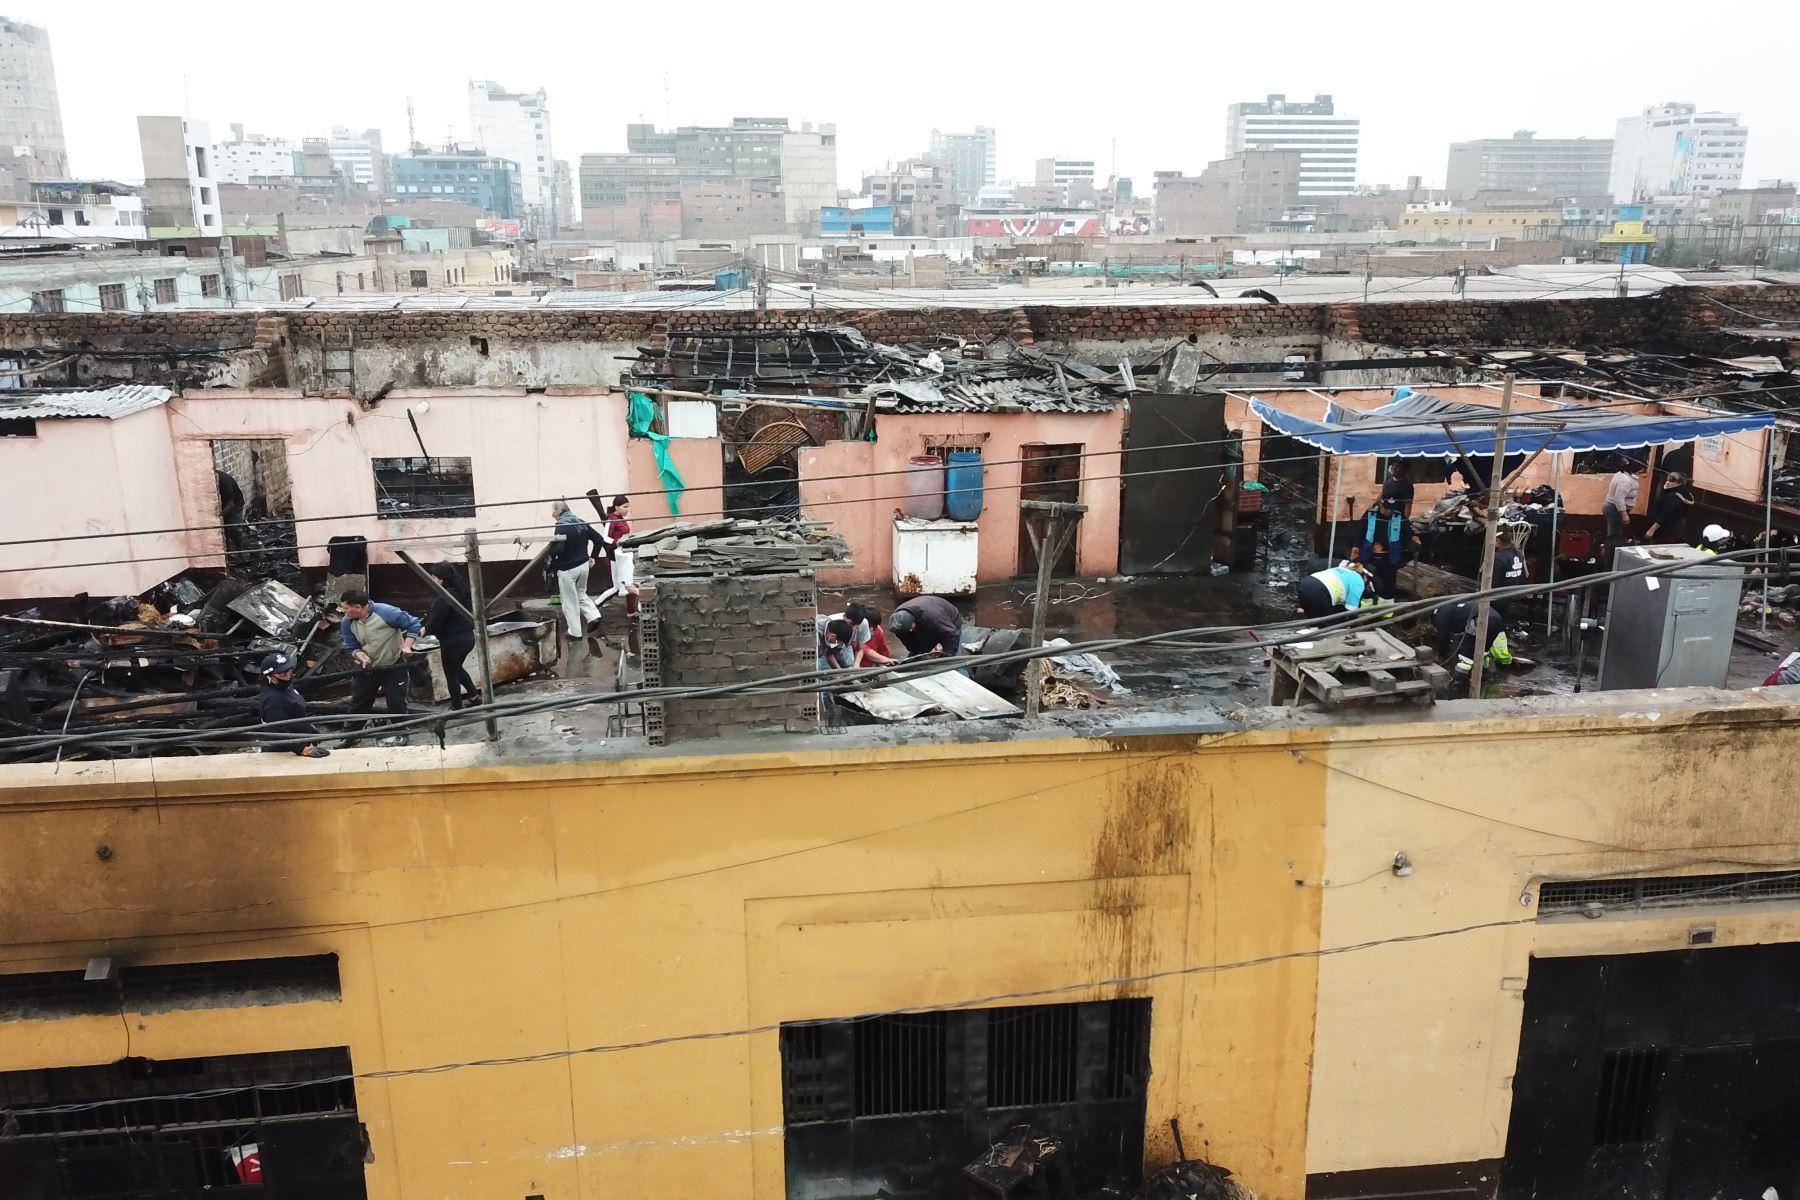 Un incendio registrado esta madrugada destruyó más de 20 puestos del mercado minorista de La Victoria. Foto: ANDINA/Juan Carlos Guzman